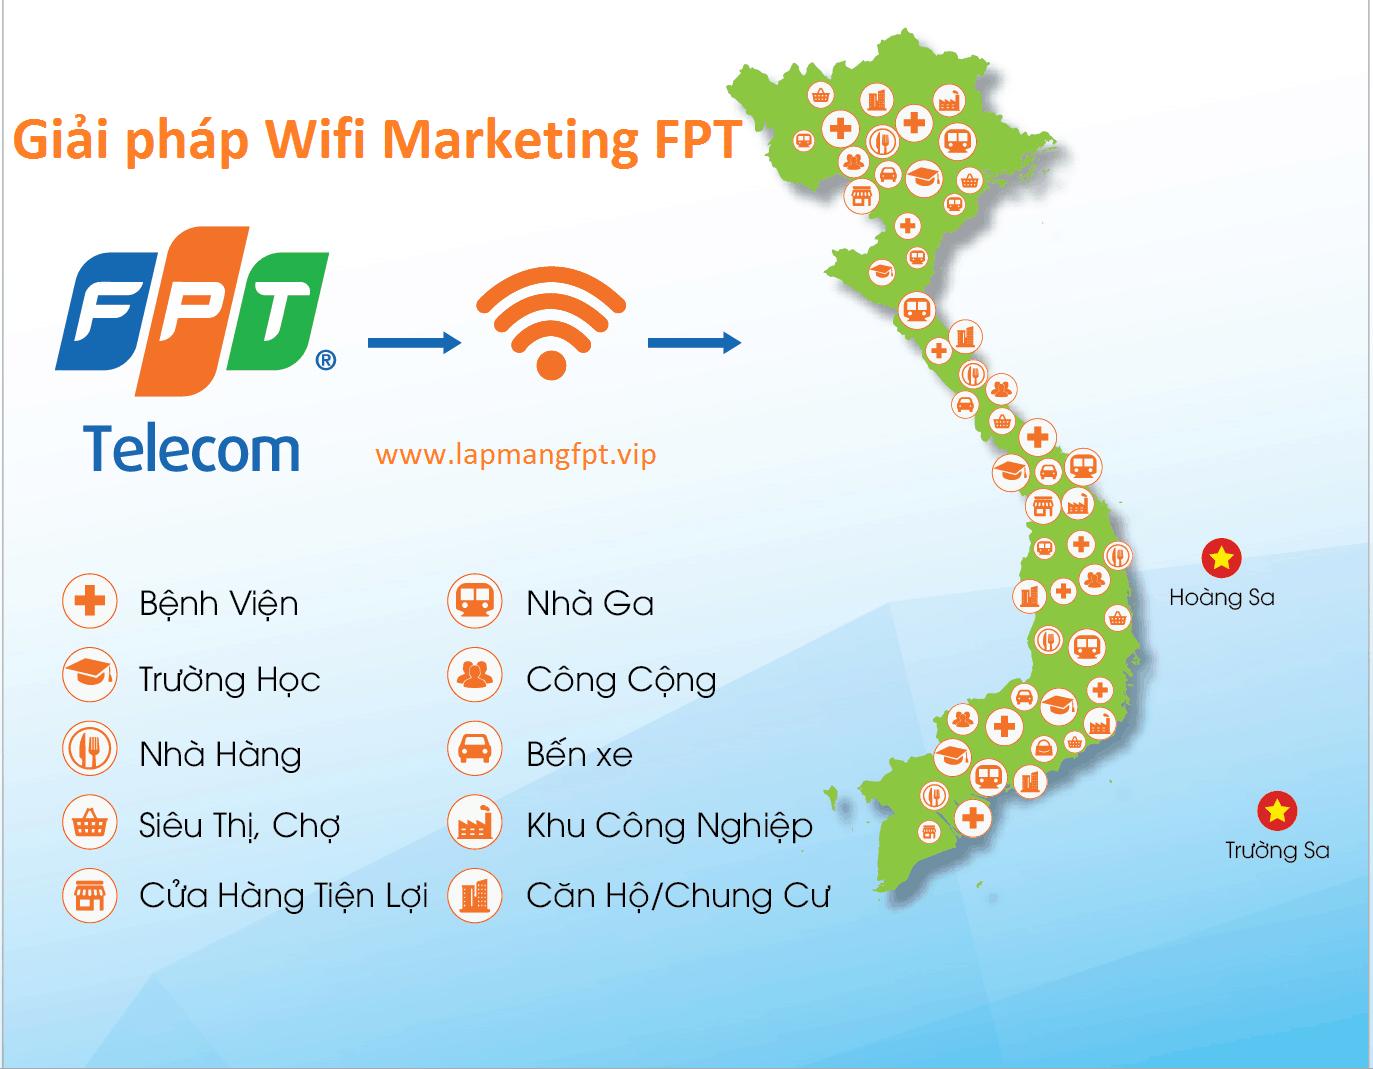 Giải pháp wifi marketing fpt miễn phí